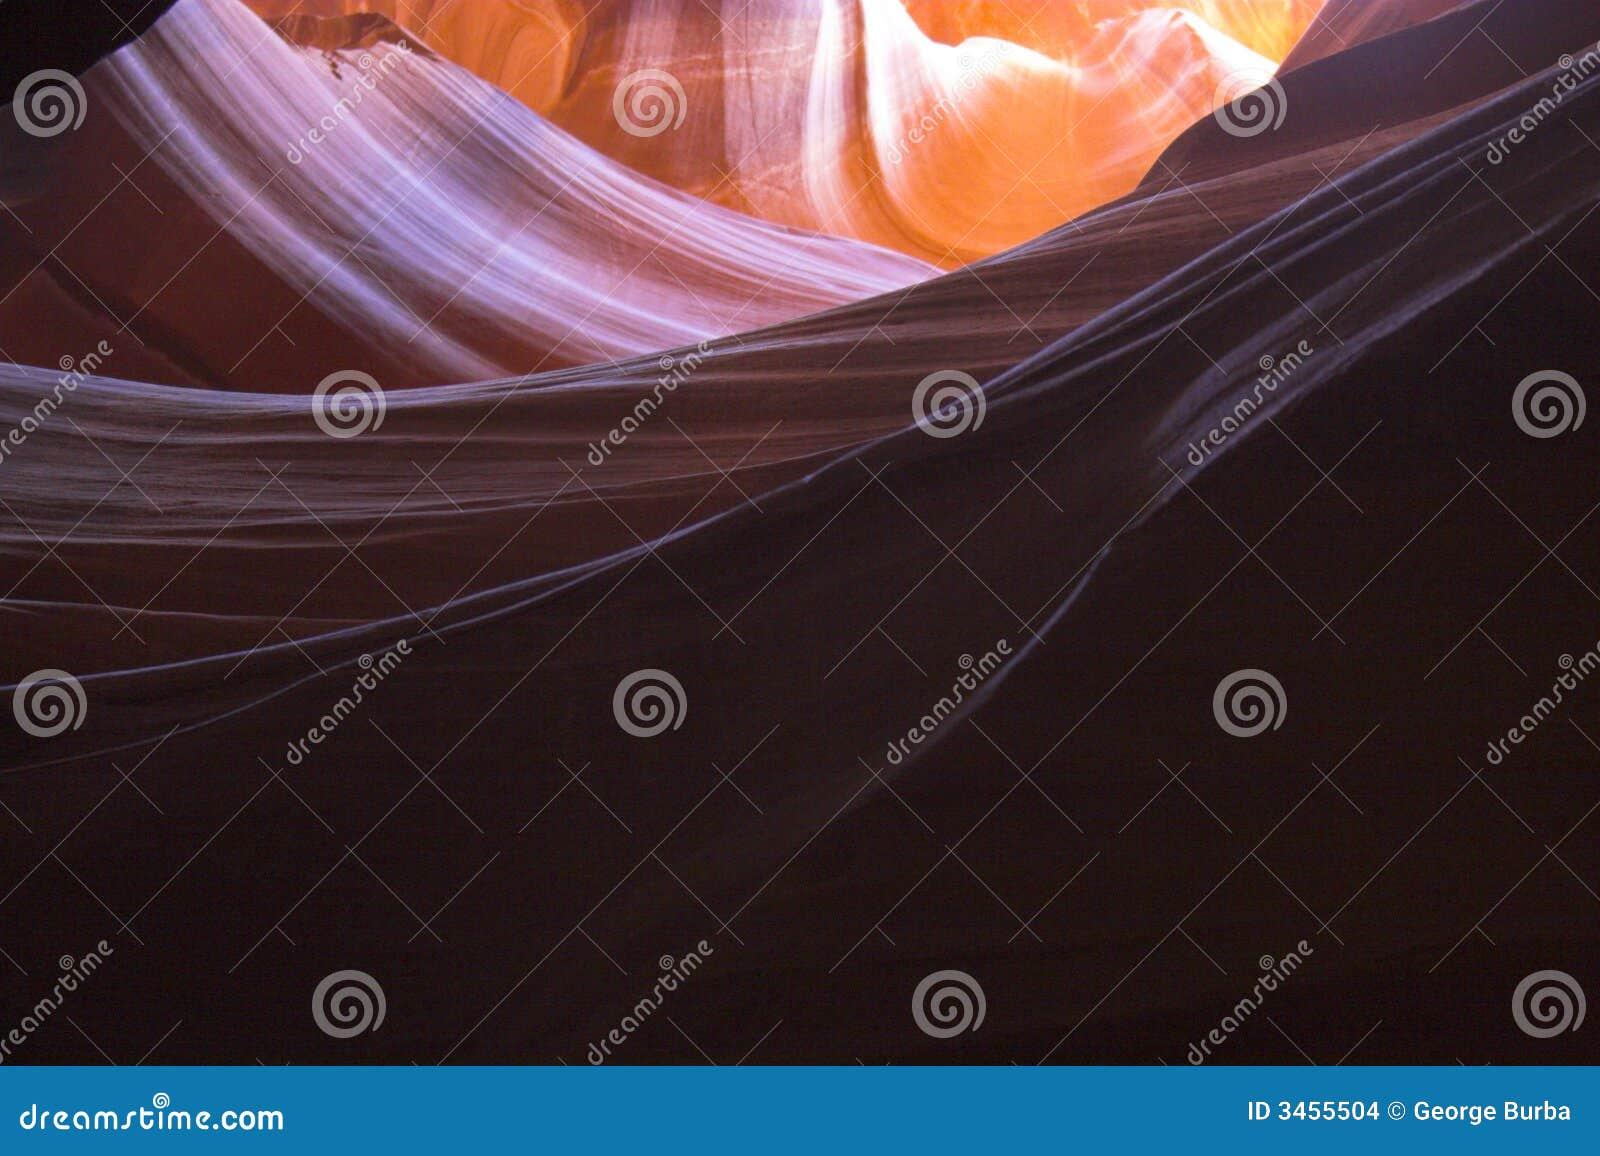 Slot canyons of southwest